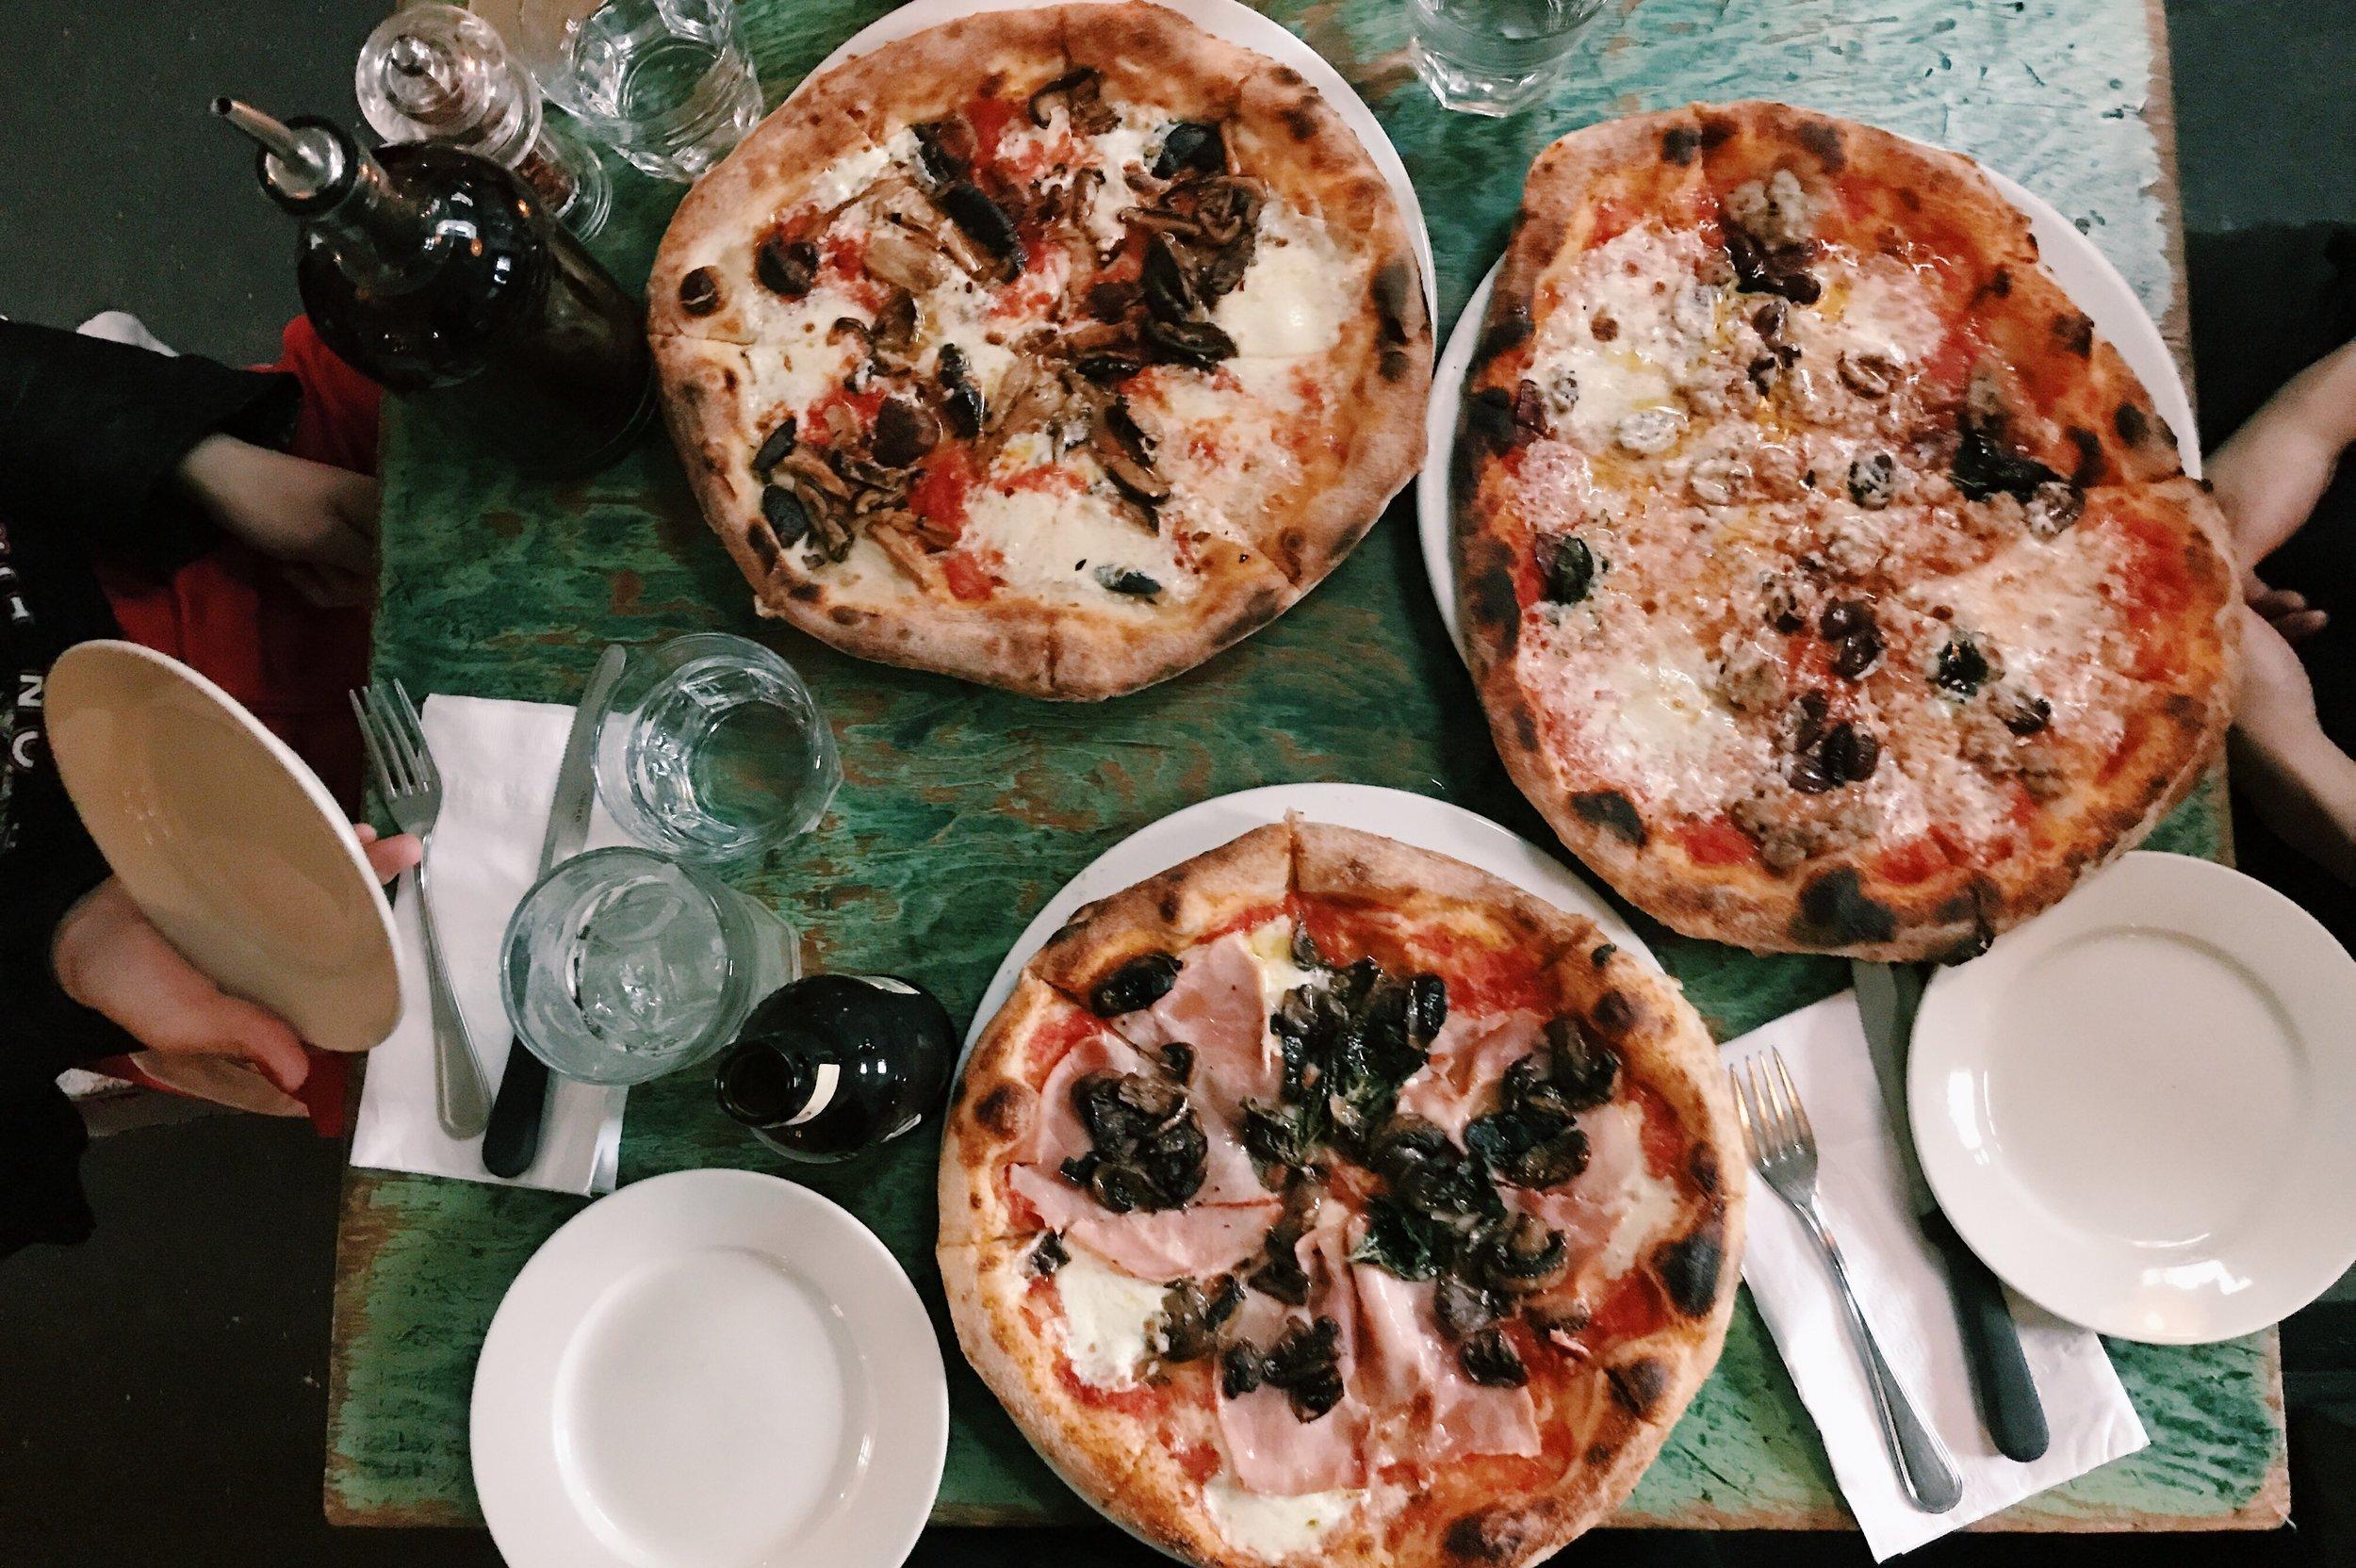 Saraghina サラジーナ Bedstuy ベッドスタイ Brooklyn ブルックリン ニューヨーク ピザ 美味しい おすすめ お洒落